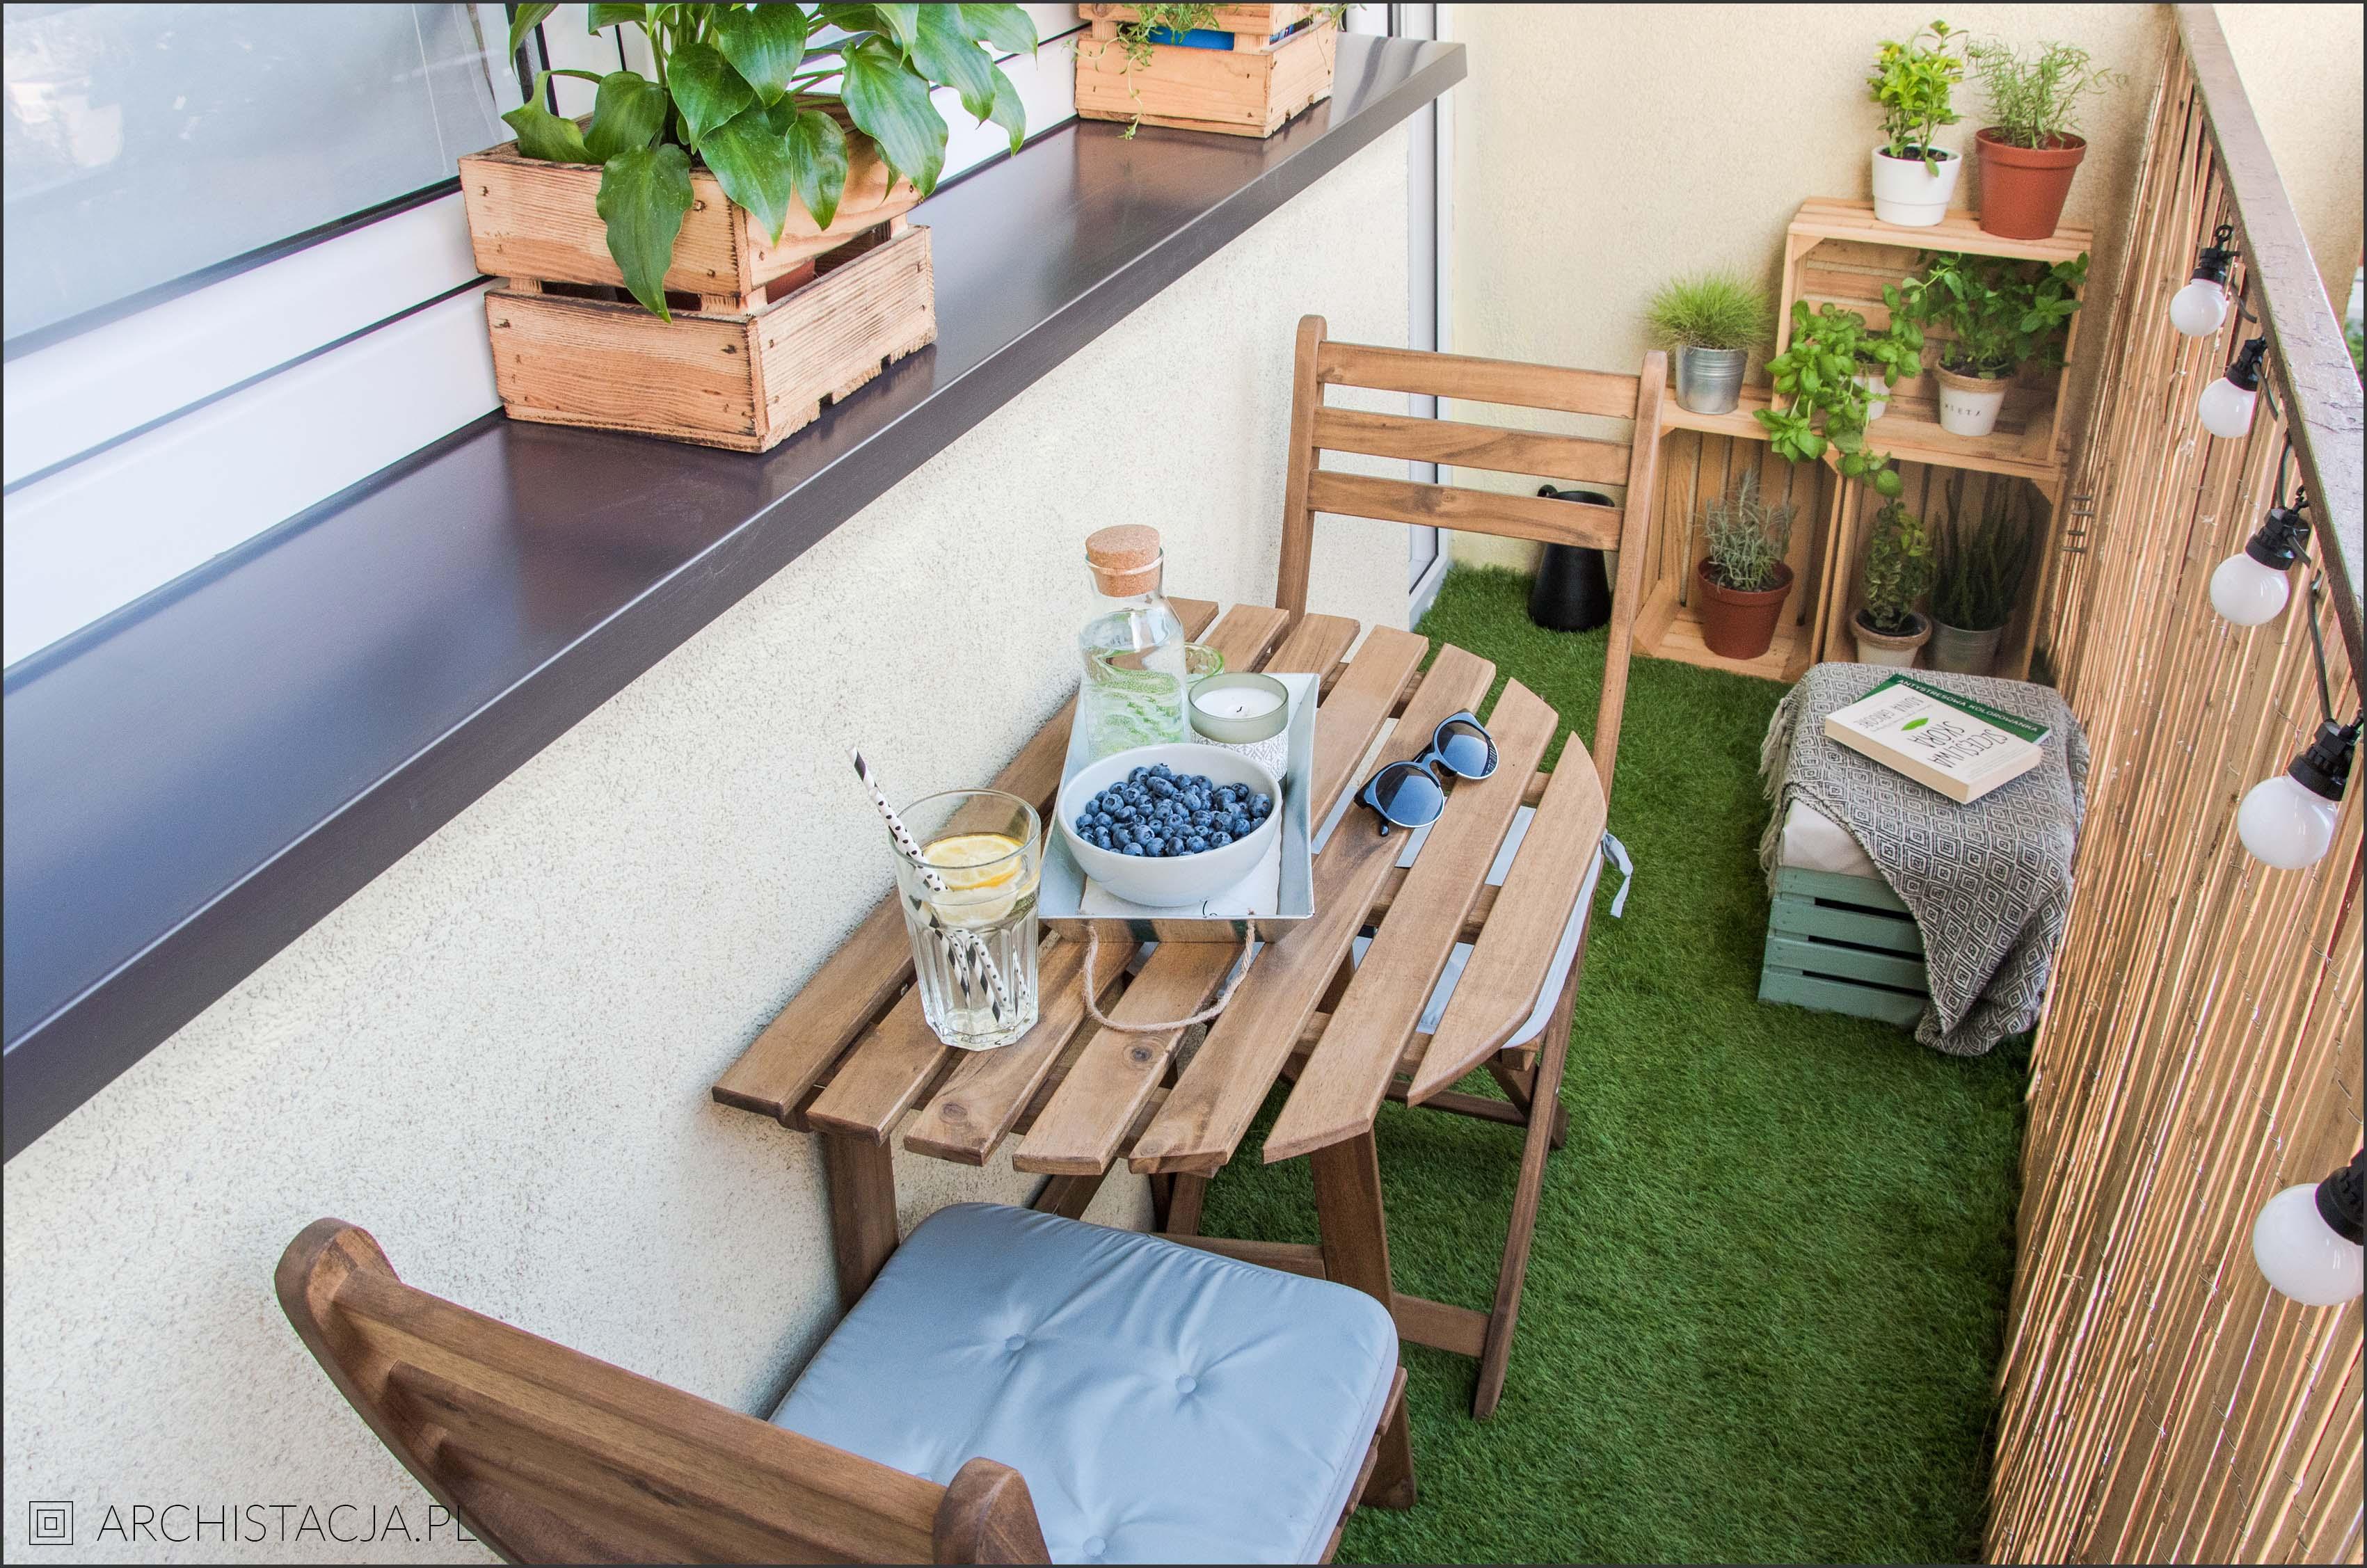 Mały Balkon Meble Do Zadań Specjalnych Archistacjapl